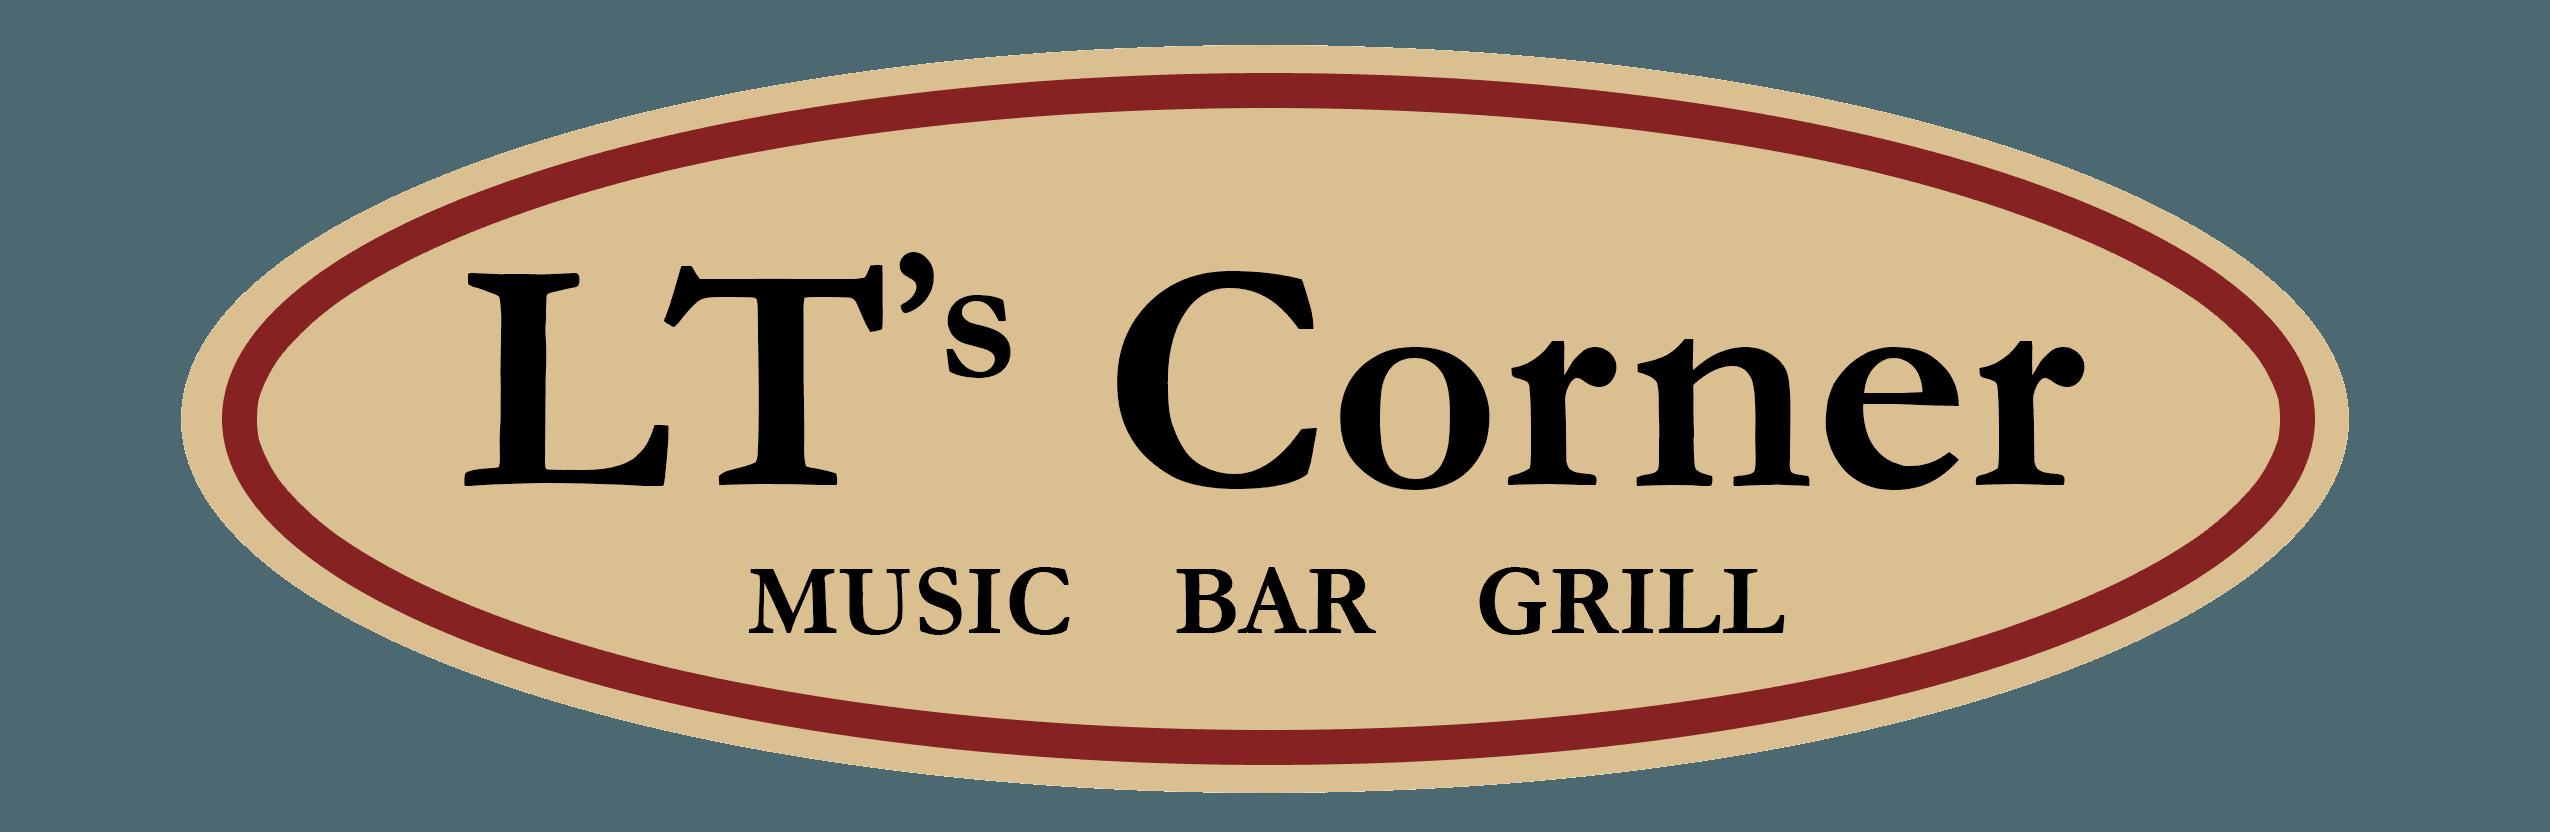 LT's Corner - logo